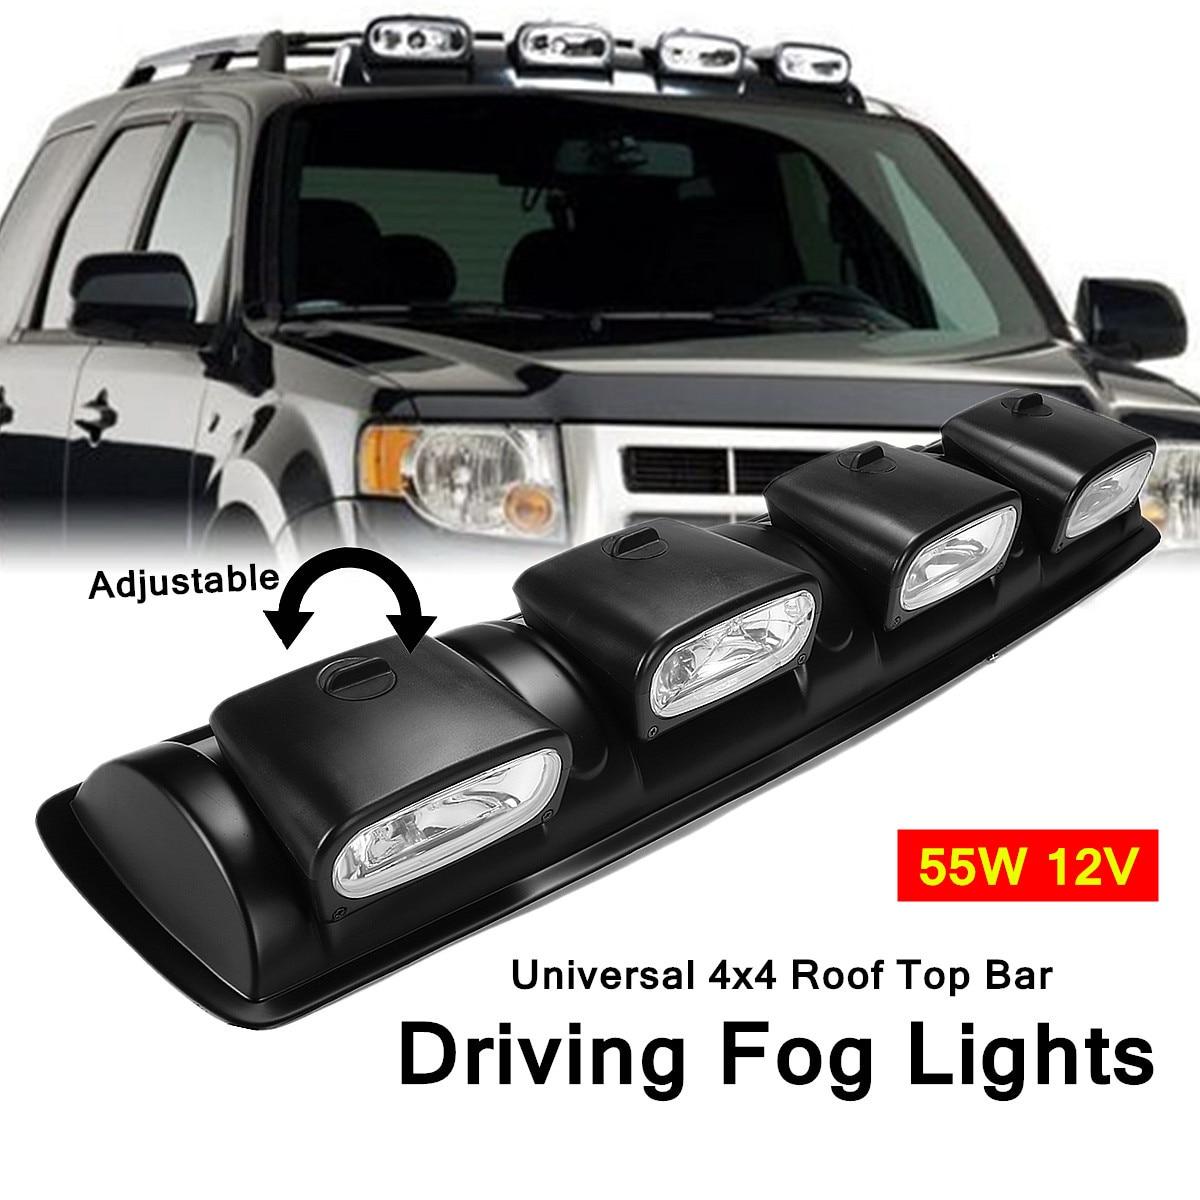 Универсальный 4x4 на крыше бар вождения Противотуманные фары 4 линзы Offroad точечные лампы 55 Вт 12 В в АБС-пластик кронштейн + H3 лампа подходит для...